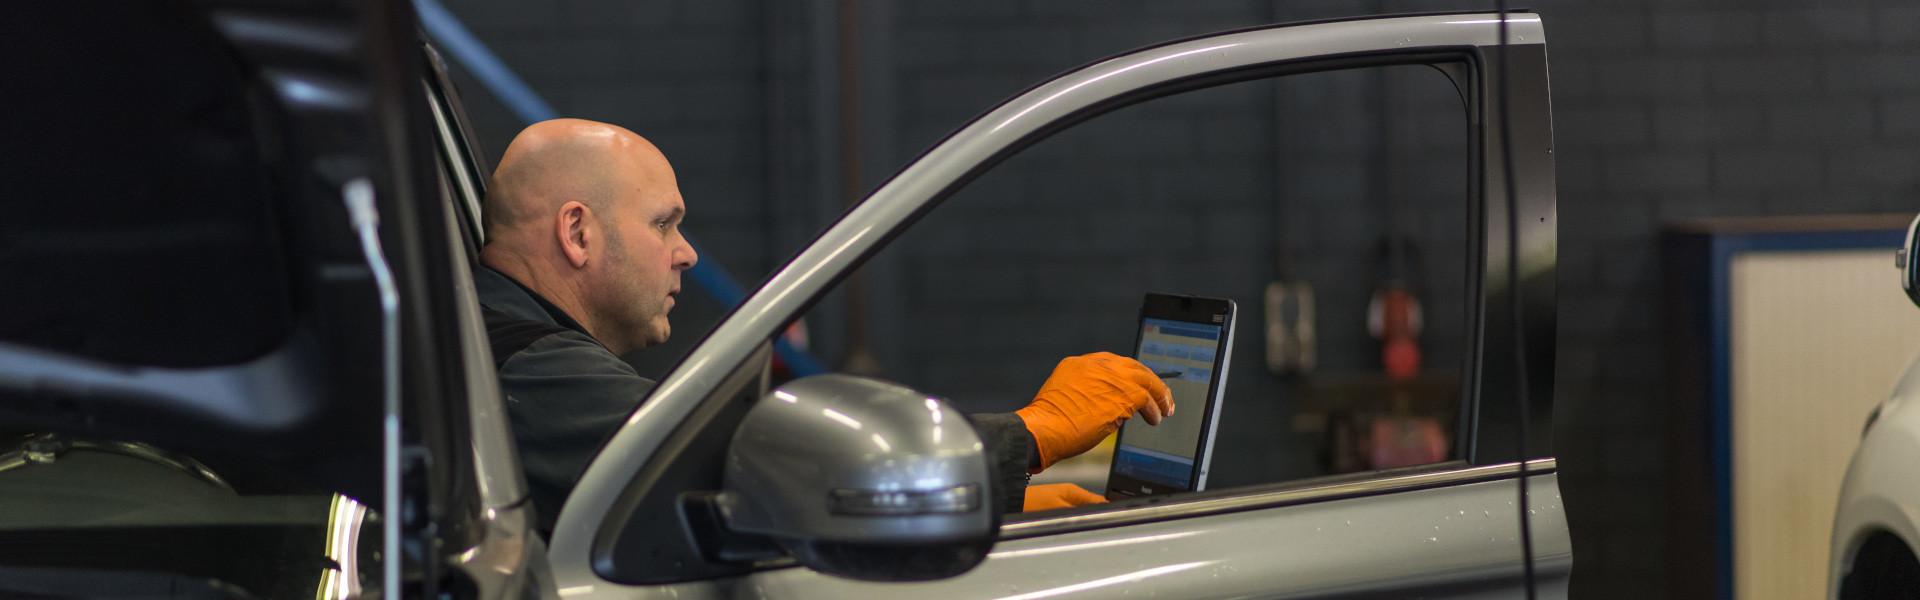 Stichting duurzaam repareren | Auto Kardol